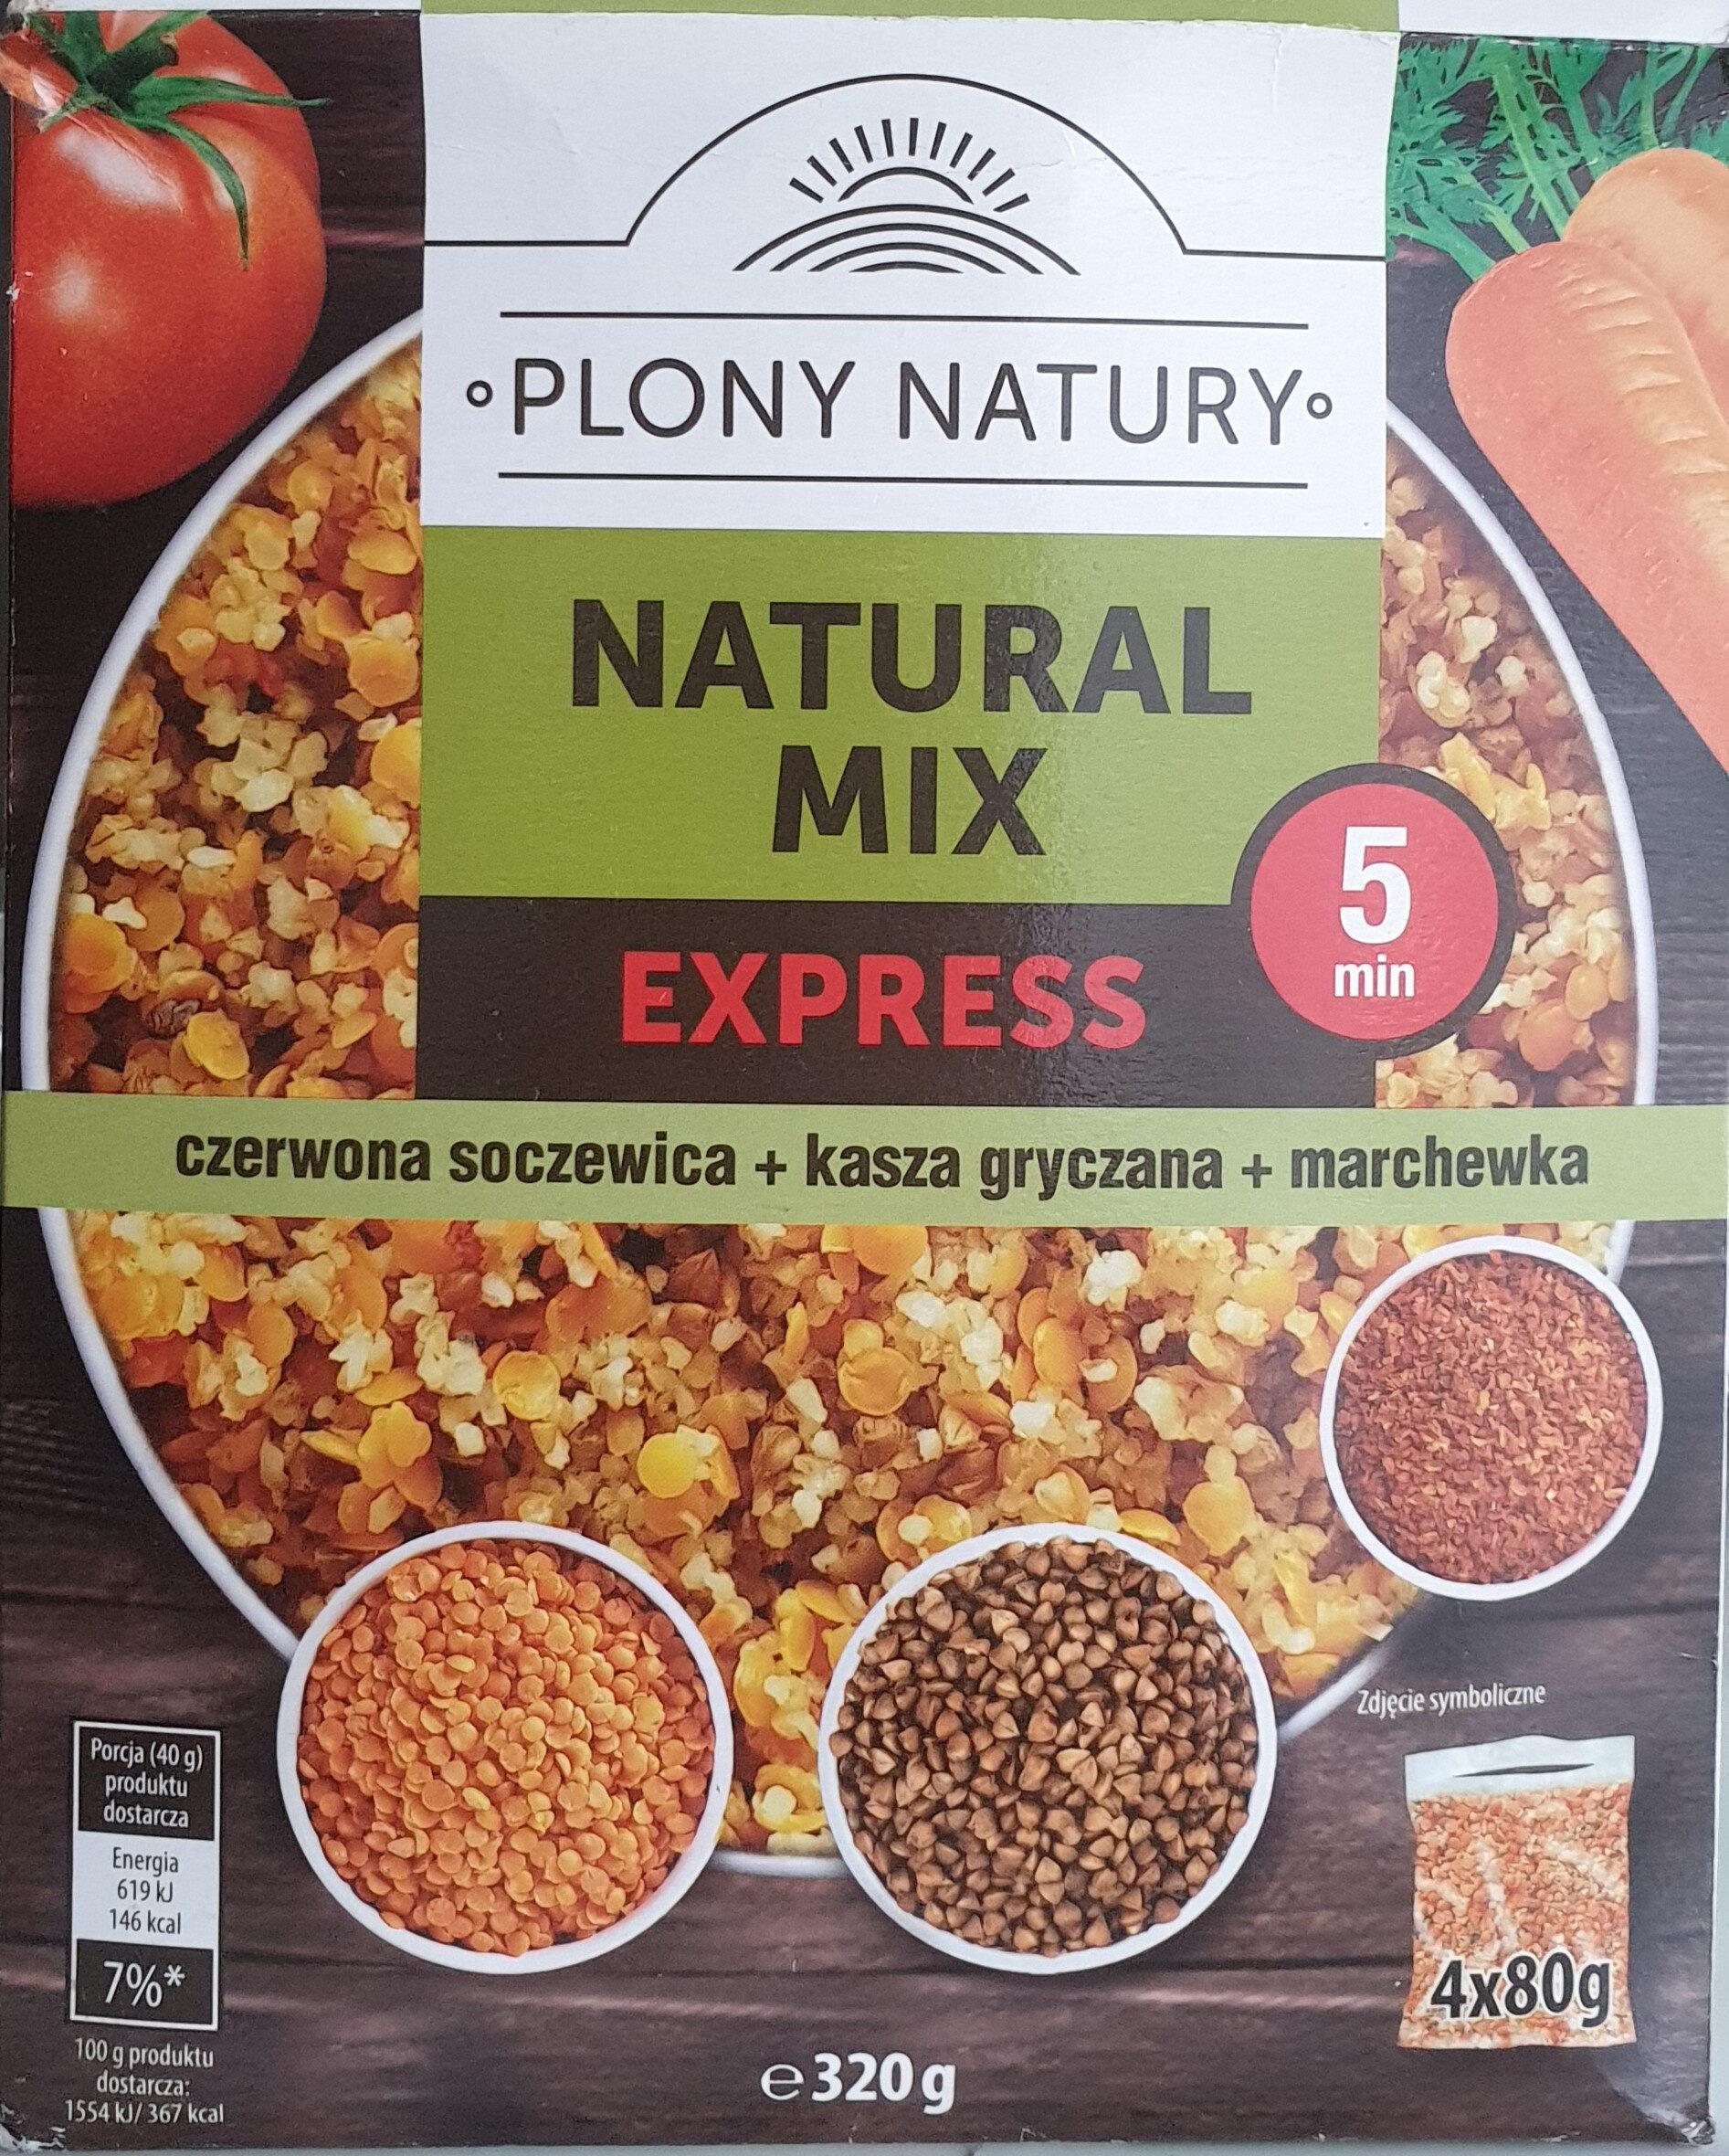 Natural Mix - Czerwona soczewica, kasza gryczana, marchewka - Product - pl